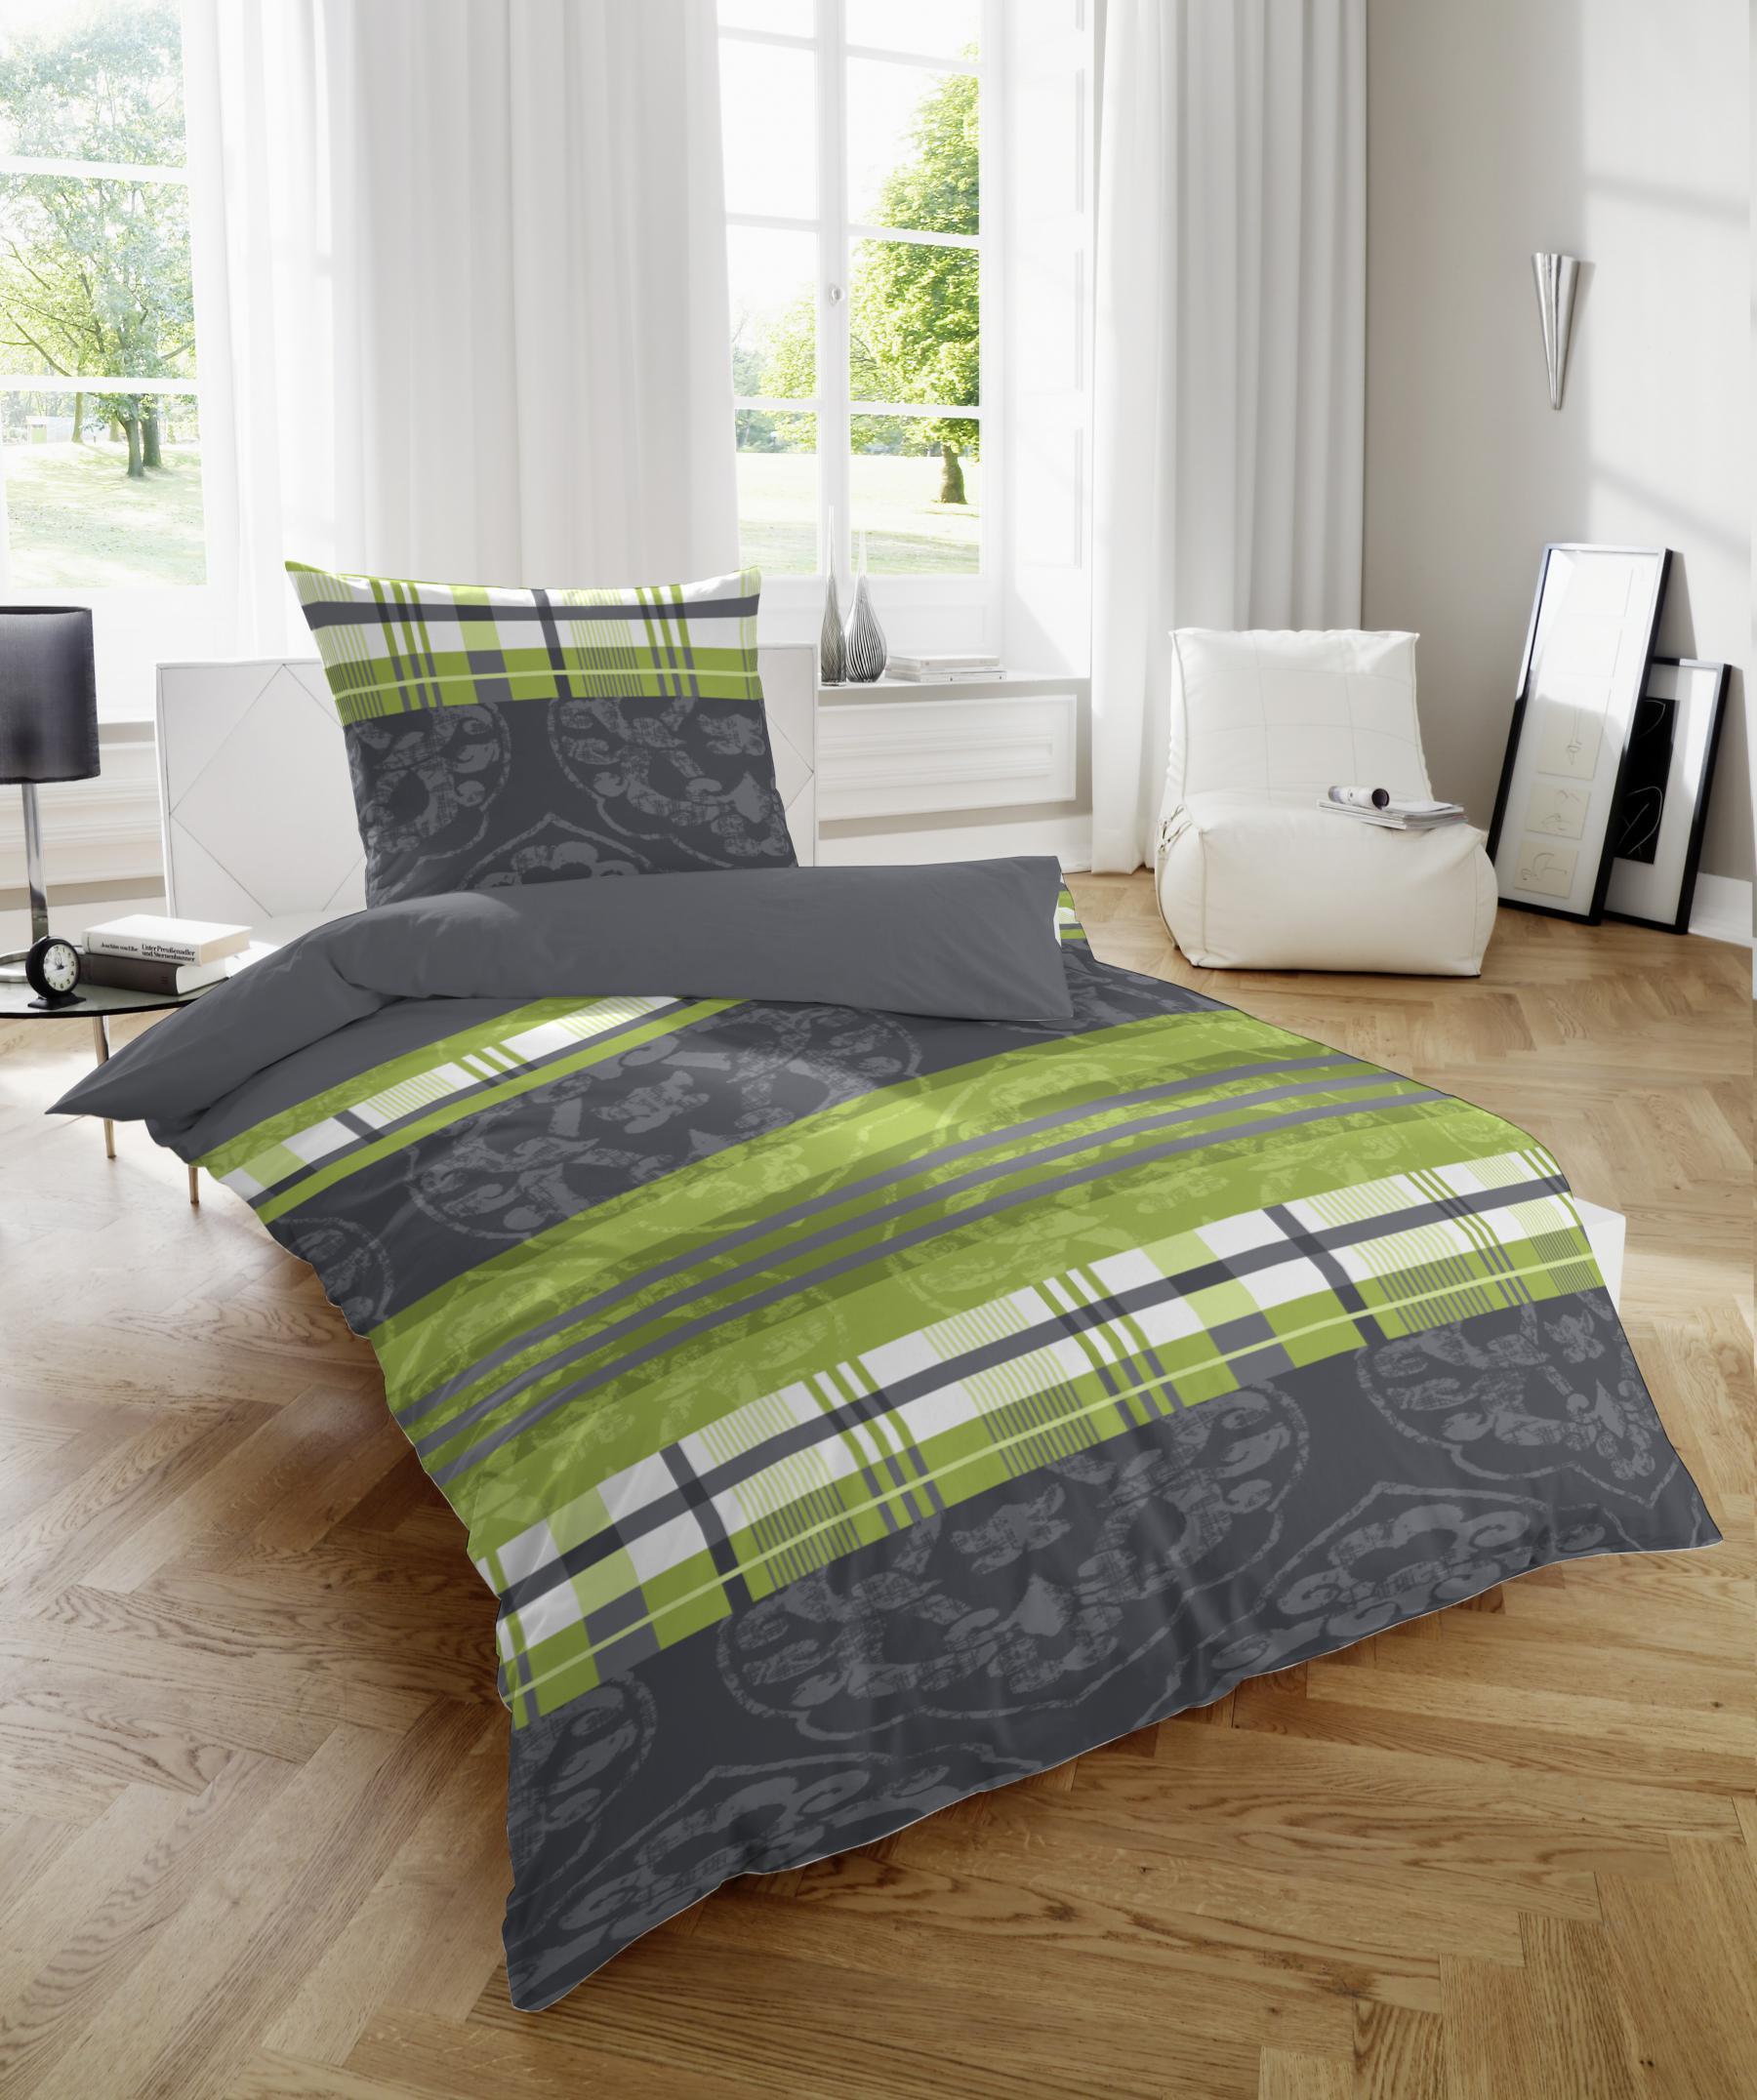 bettw sche edel m belideen. Black Bedroom Furniture Sets. Home Design Ideas